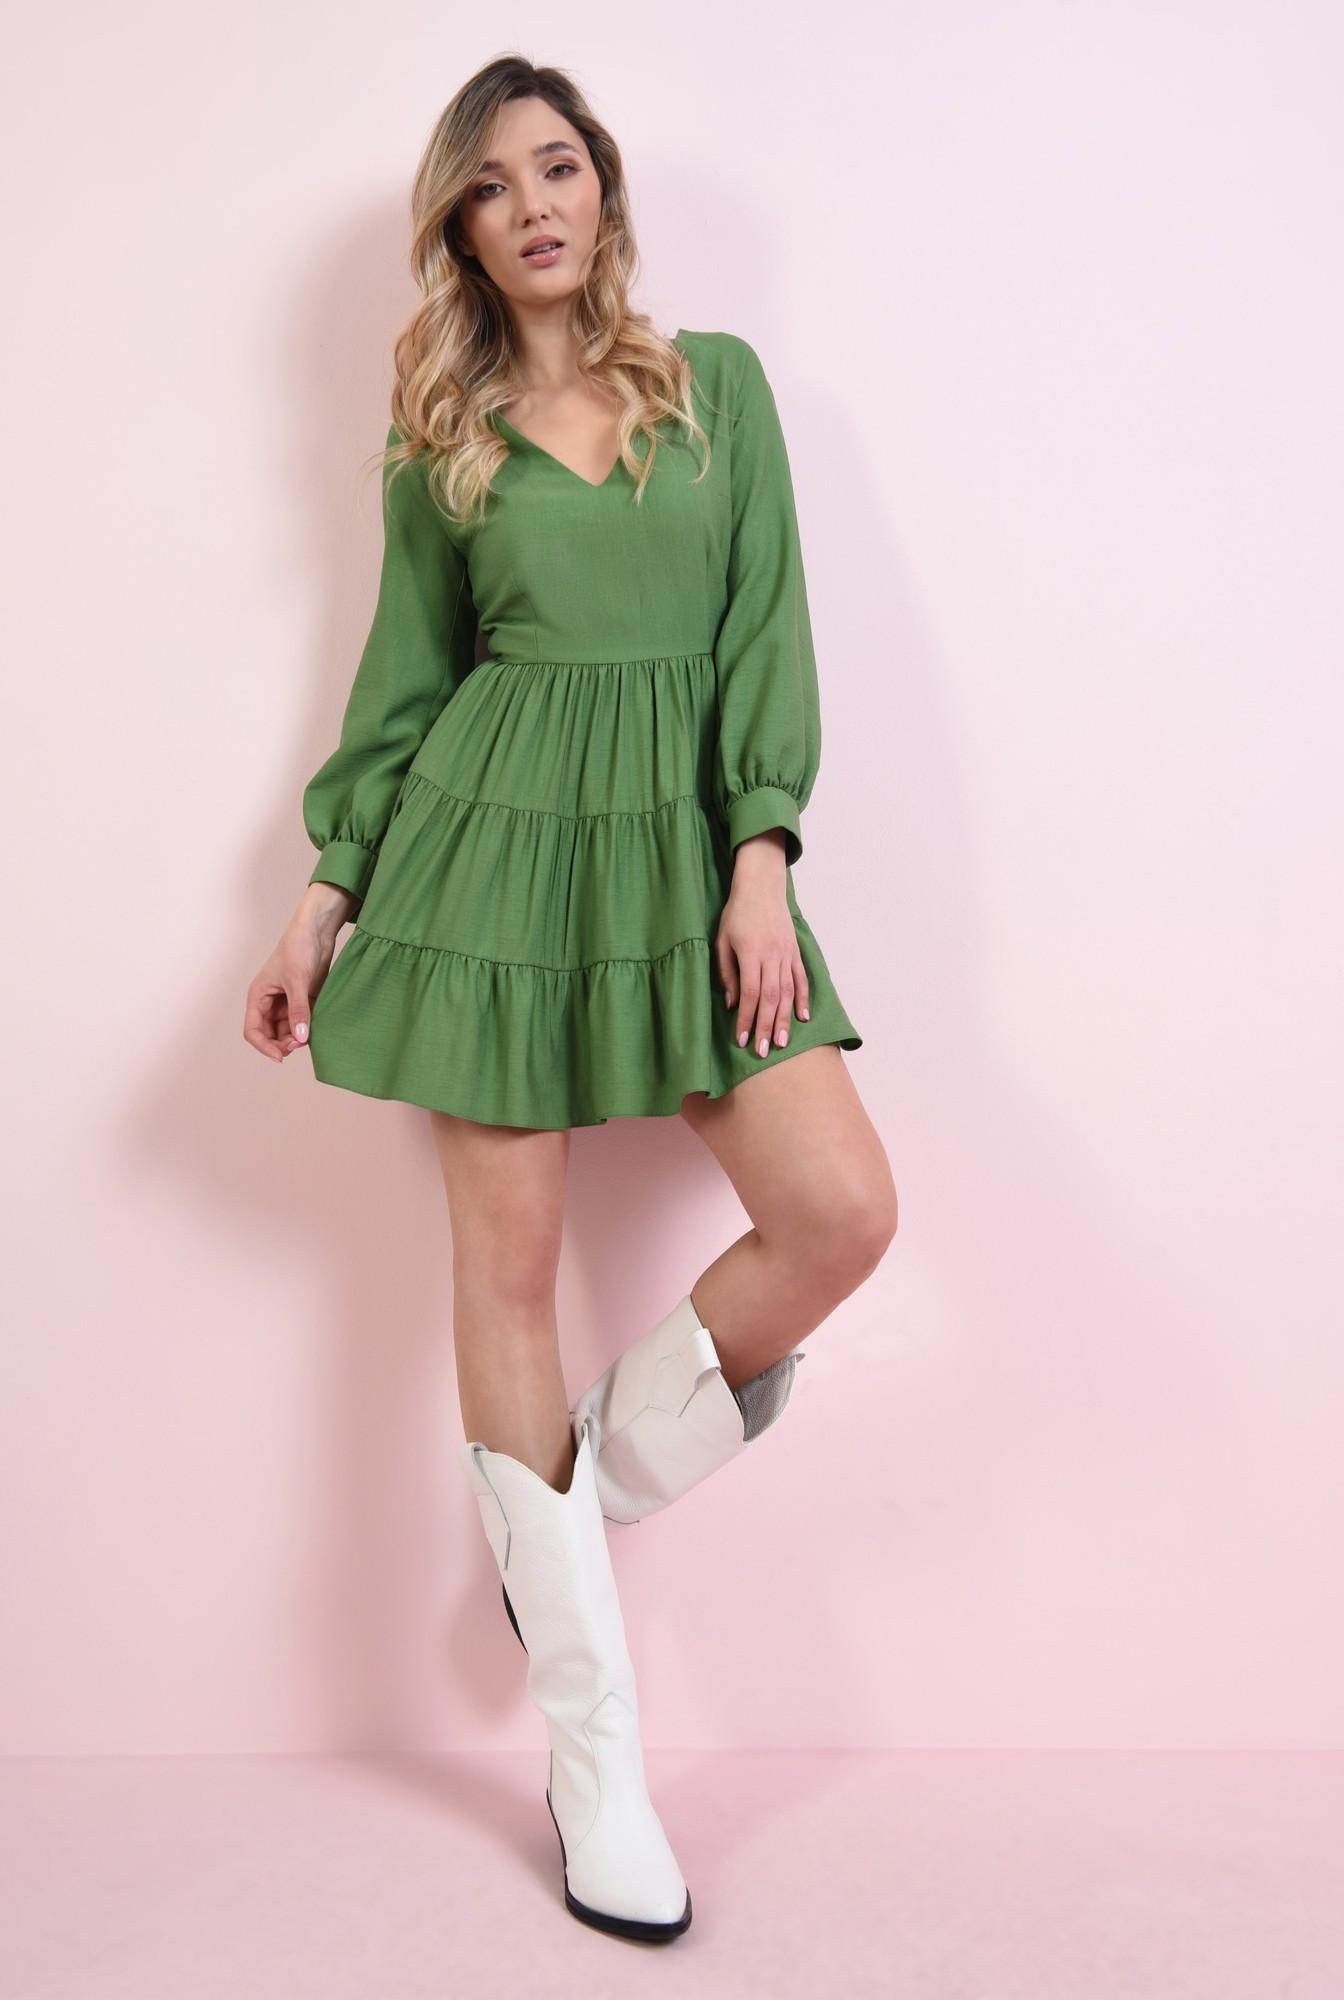 0 - rochie mini, verde, cu volan